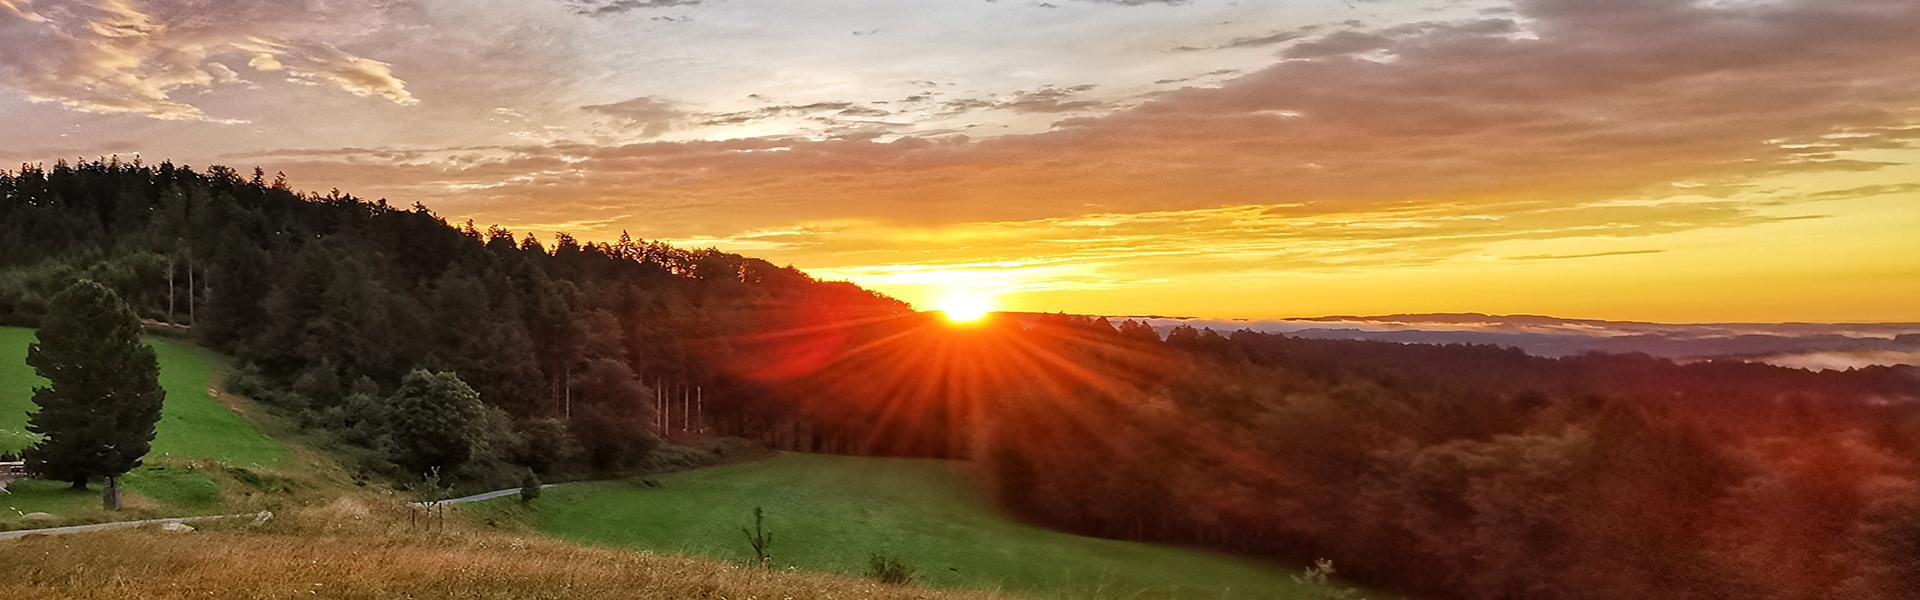 Sonnenaufgang_zugeschnitten